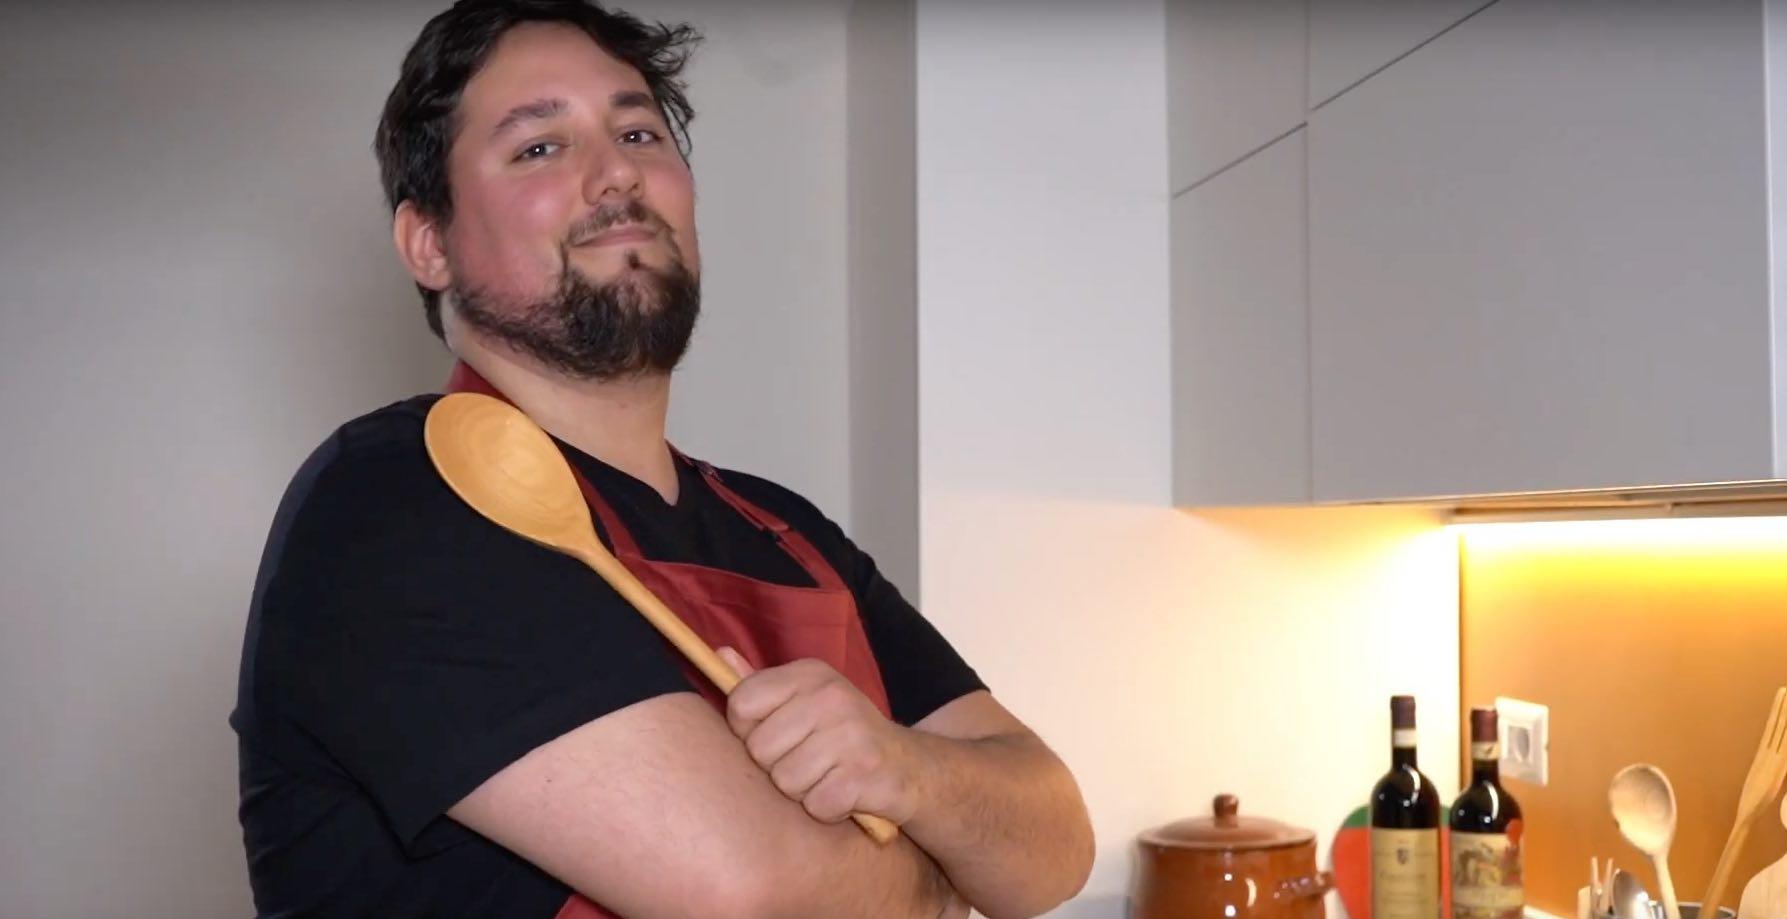 Cucino io! - Ep.1 - Pappa col pomodoro & Chianti Classico